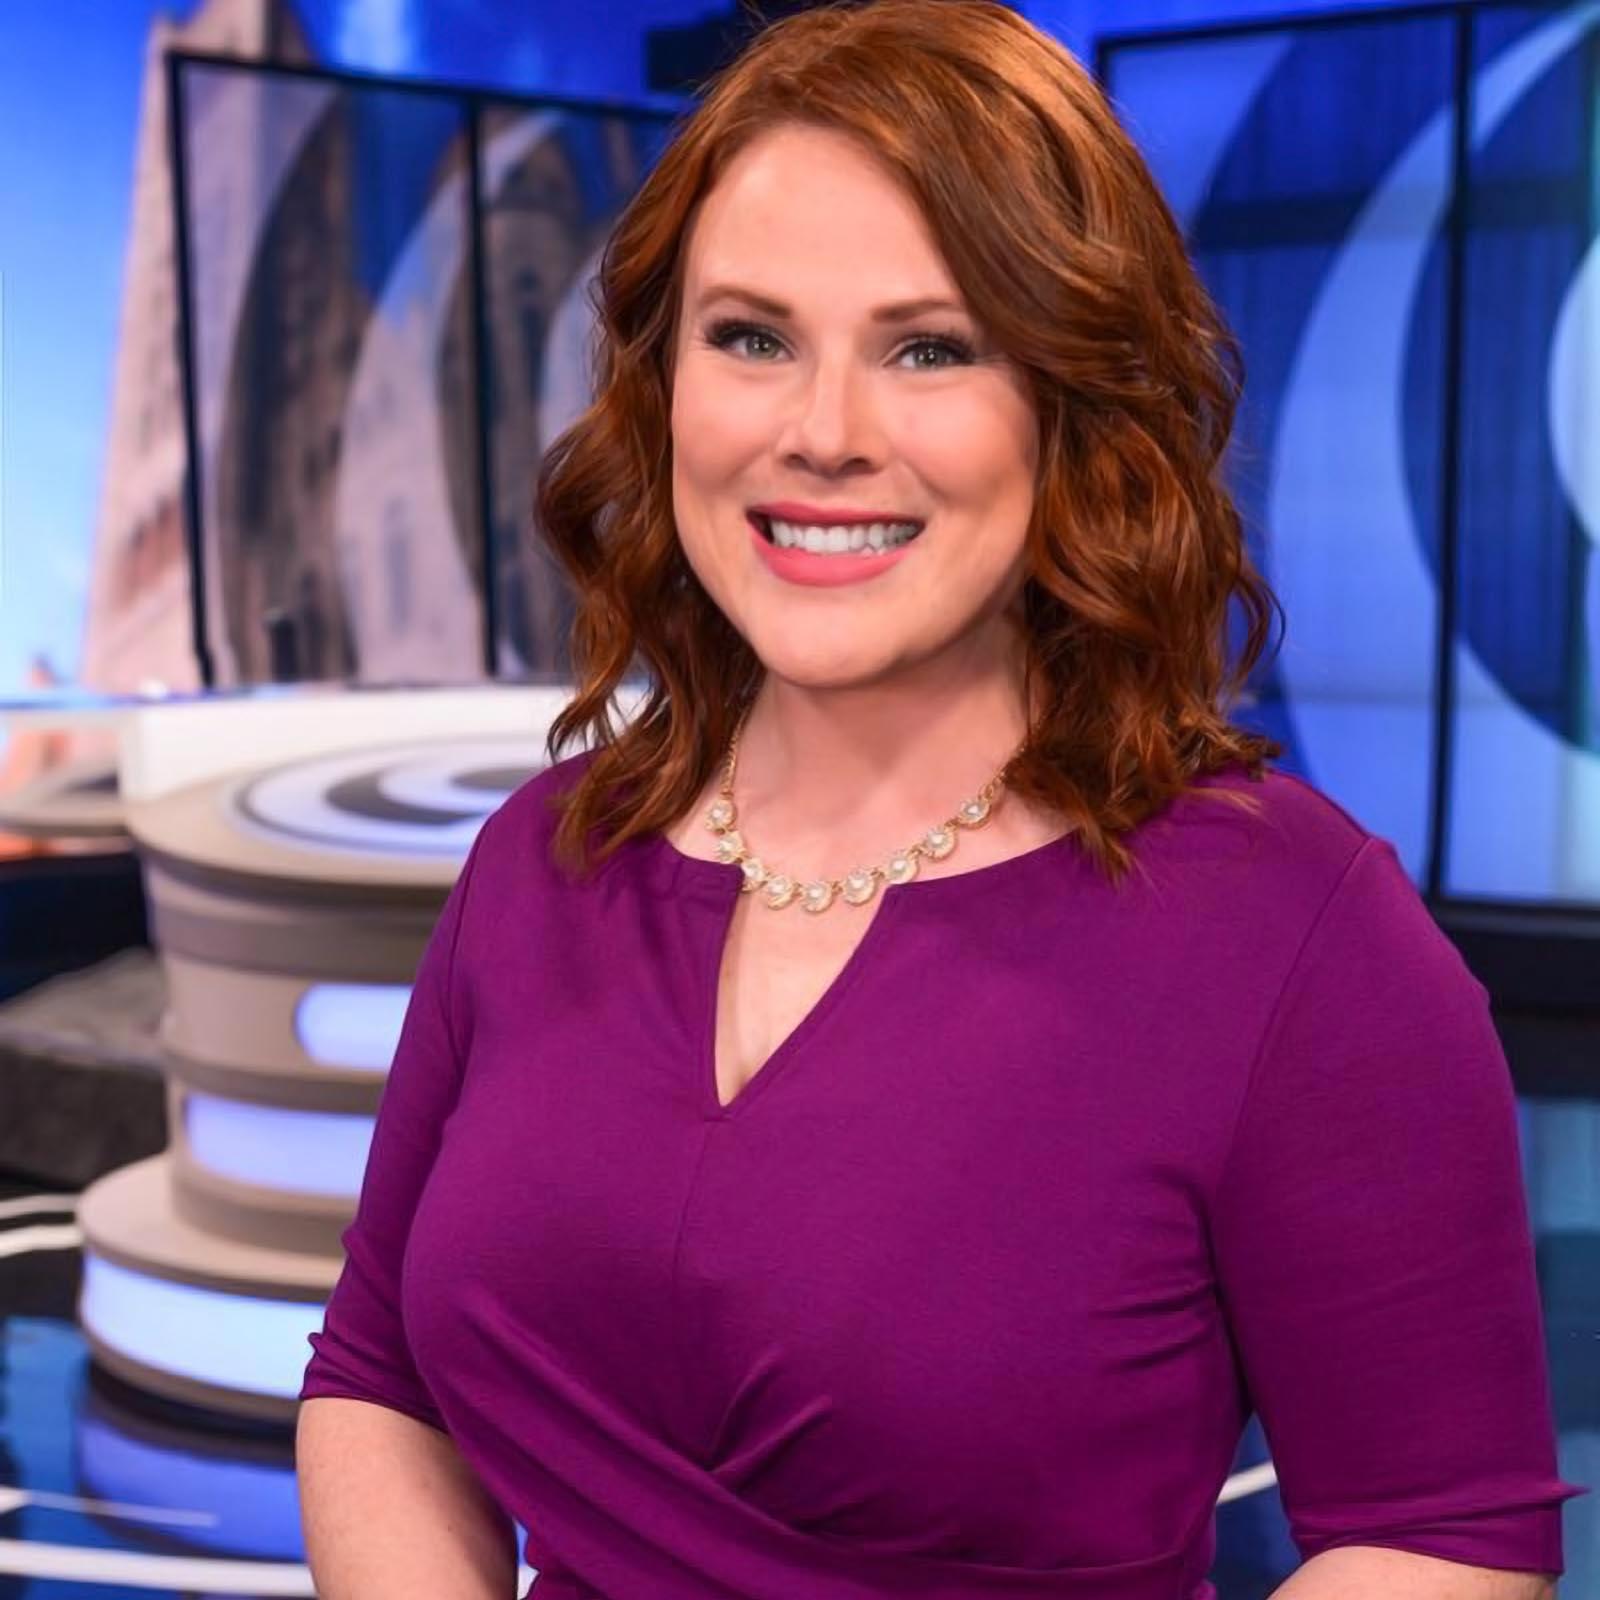 Lindsay Raychel, popular anchor of WSYR TV